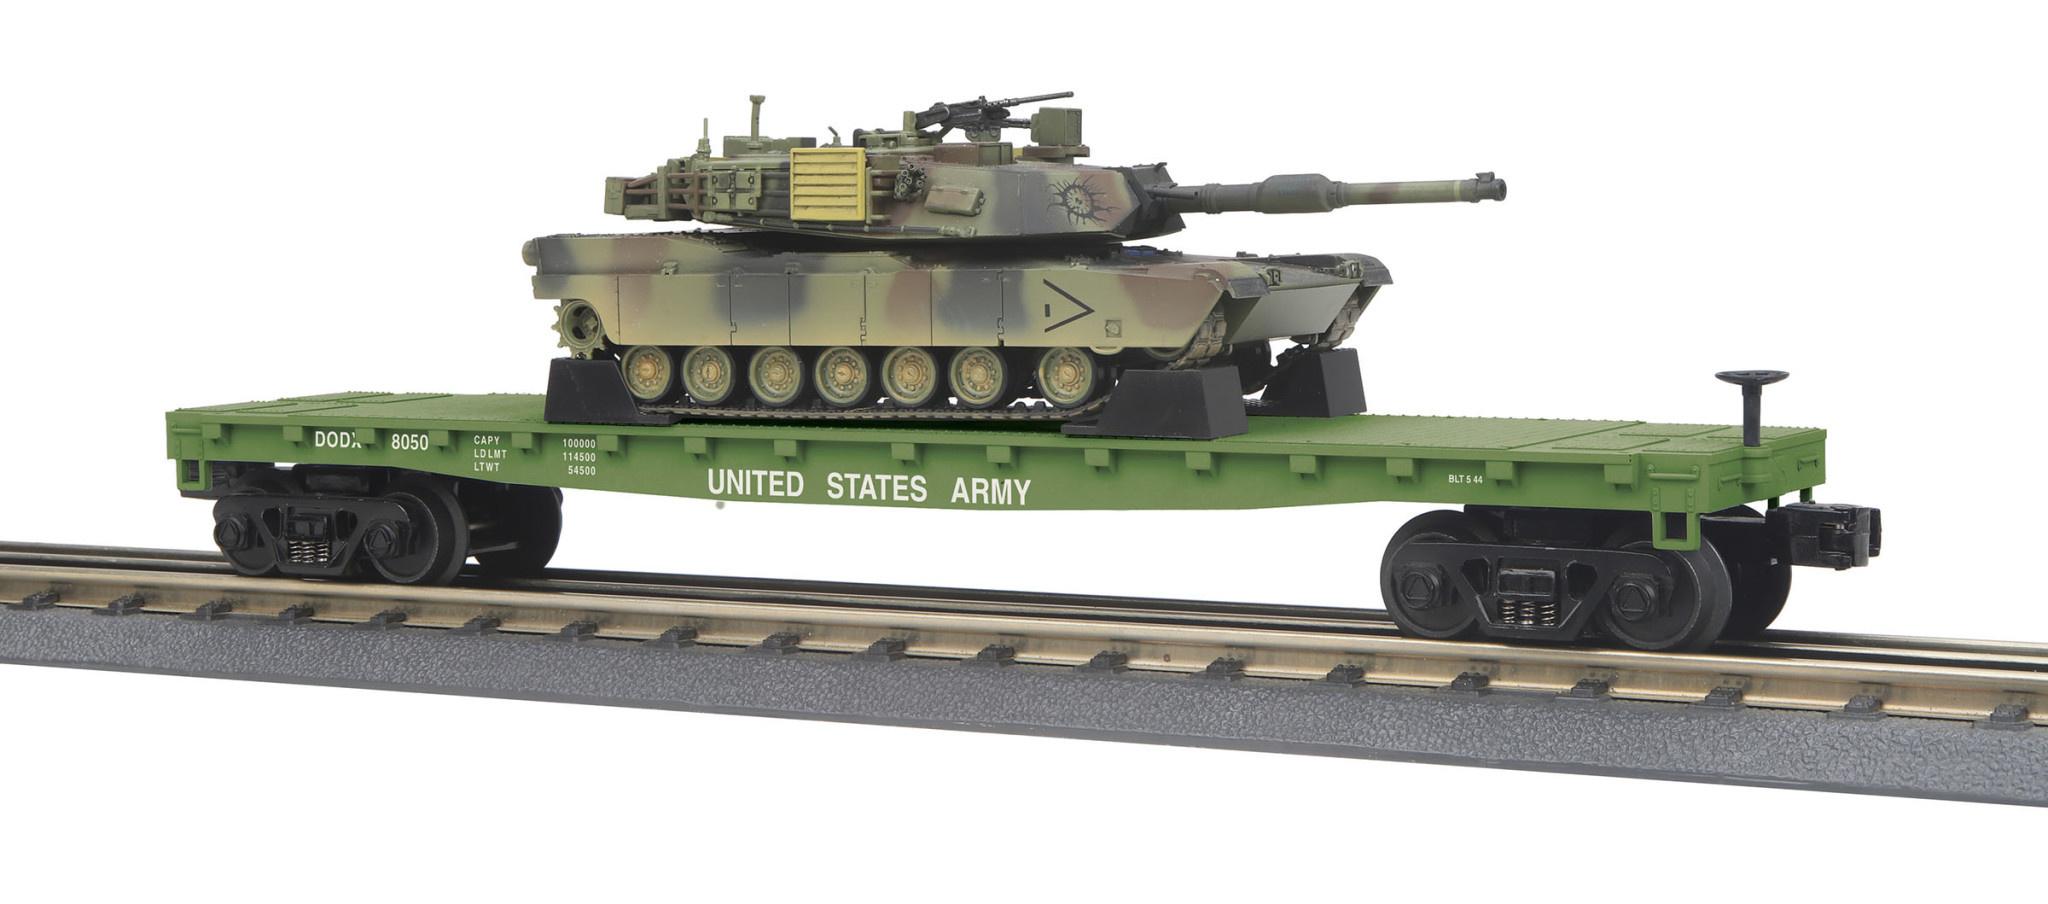 MTH - RailKing 30-76770 U.S. Army Flat Car w/(1) M1A Abrams Tank